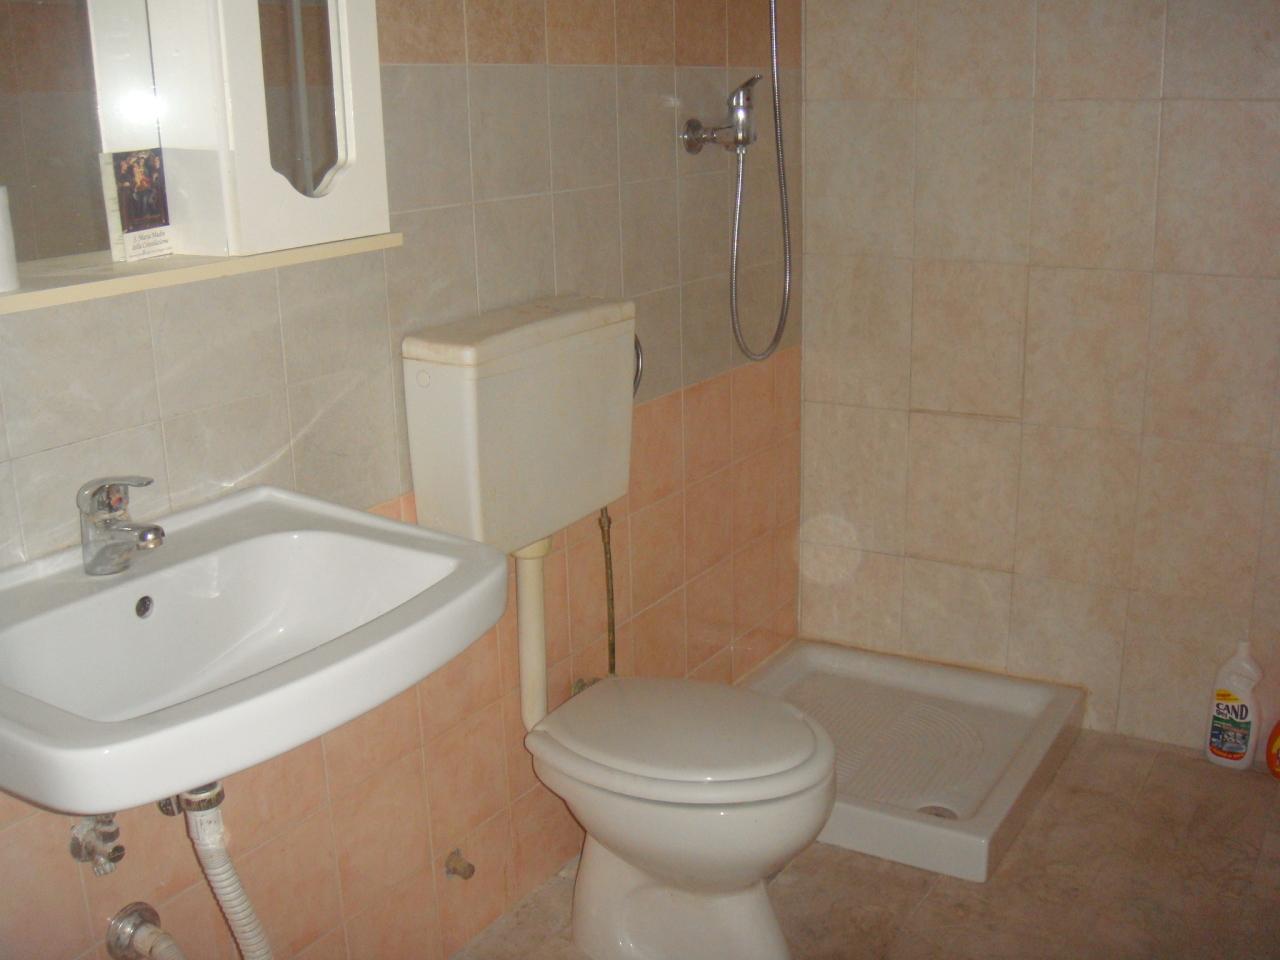 Magazzino in affitto a Reggio Calabria, 1 locali, prezzo € 300   Cambio Casa.it